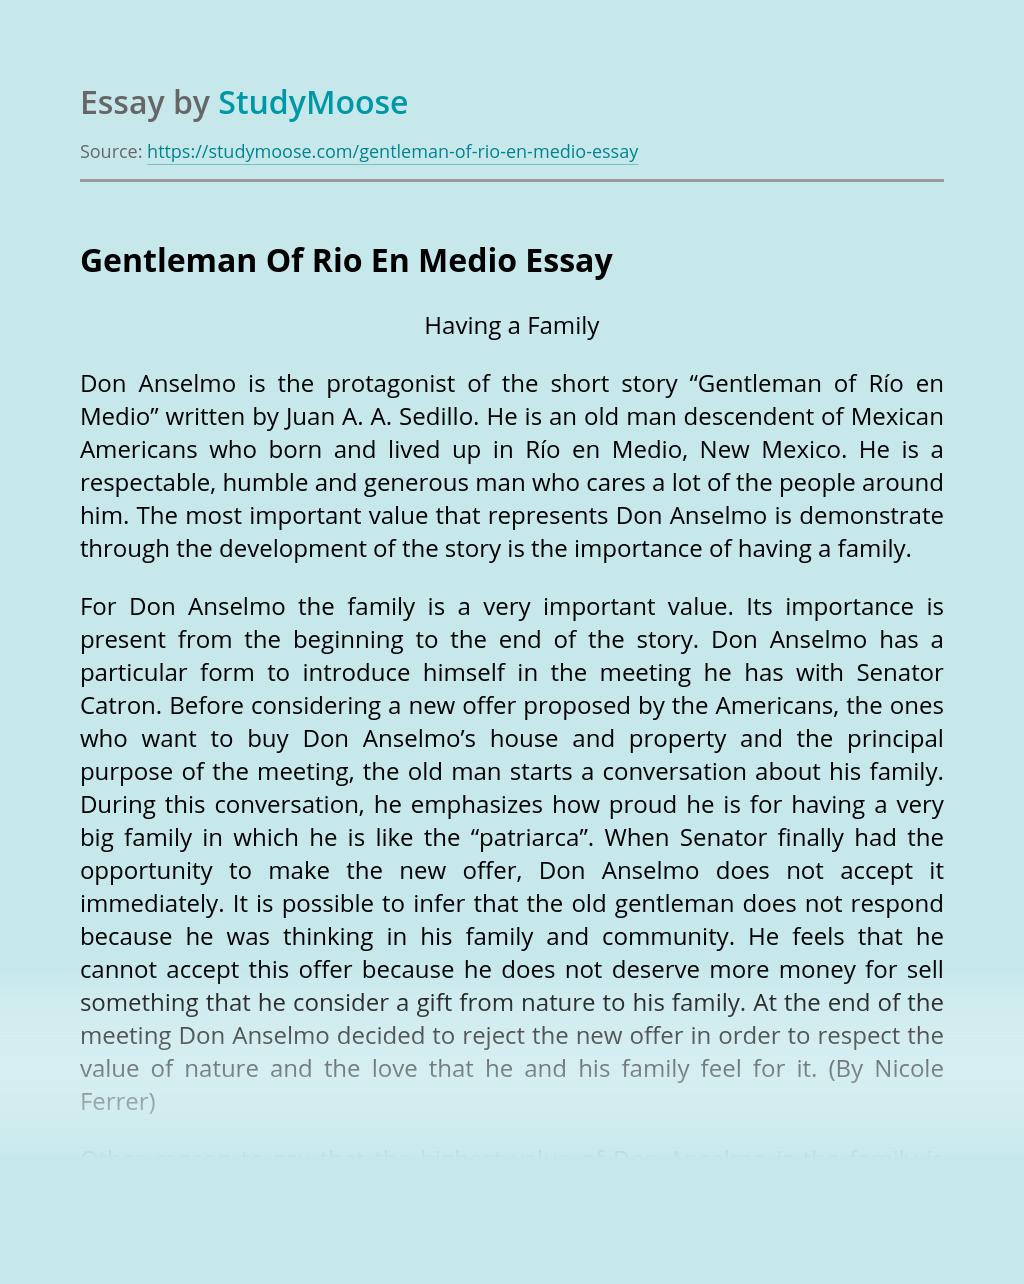 Gentleman Of Rio En Medio